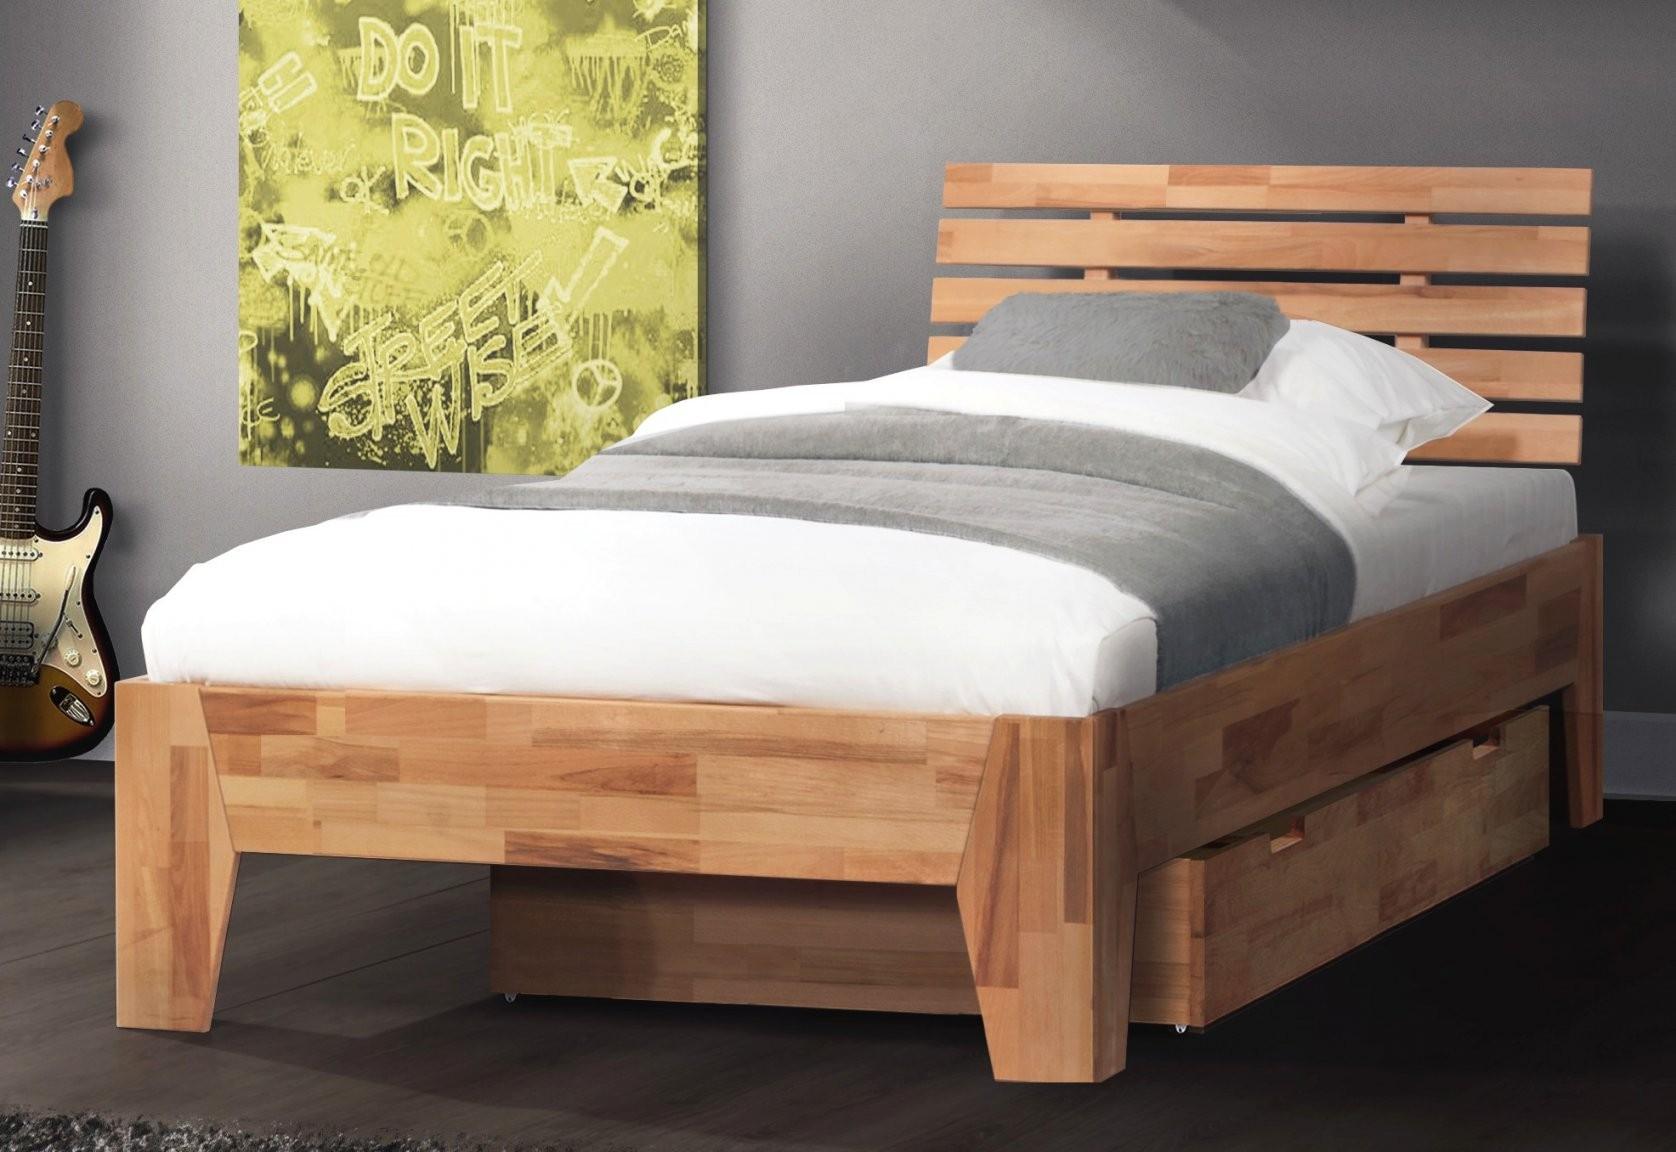 Betten Mit Matratze Und Lattenrost 140X200 Schockierend Auf Kreative von Bett 140X200 Mit Matratze Günstig Photo